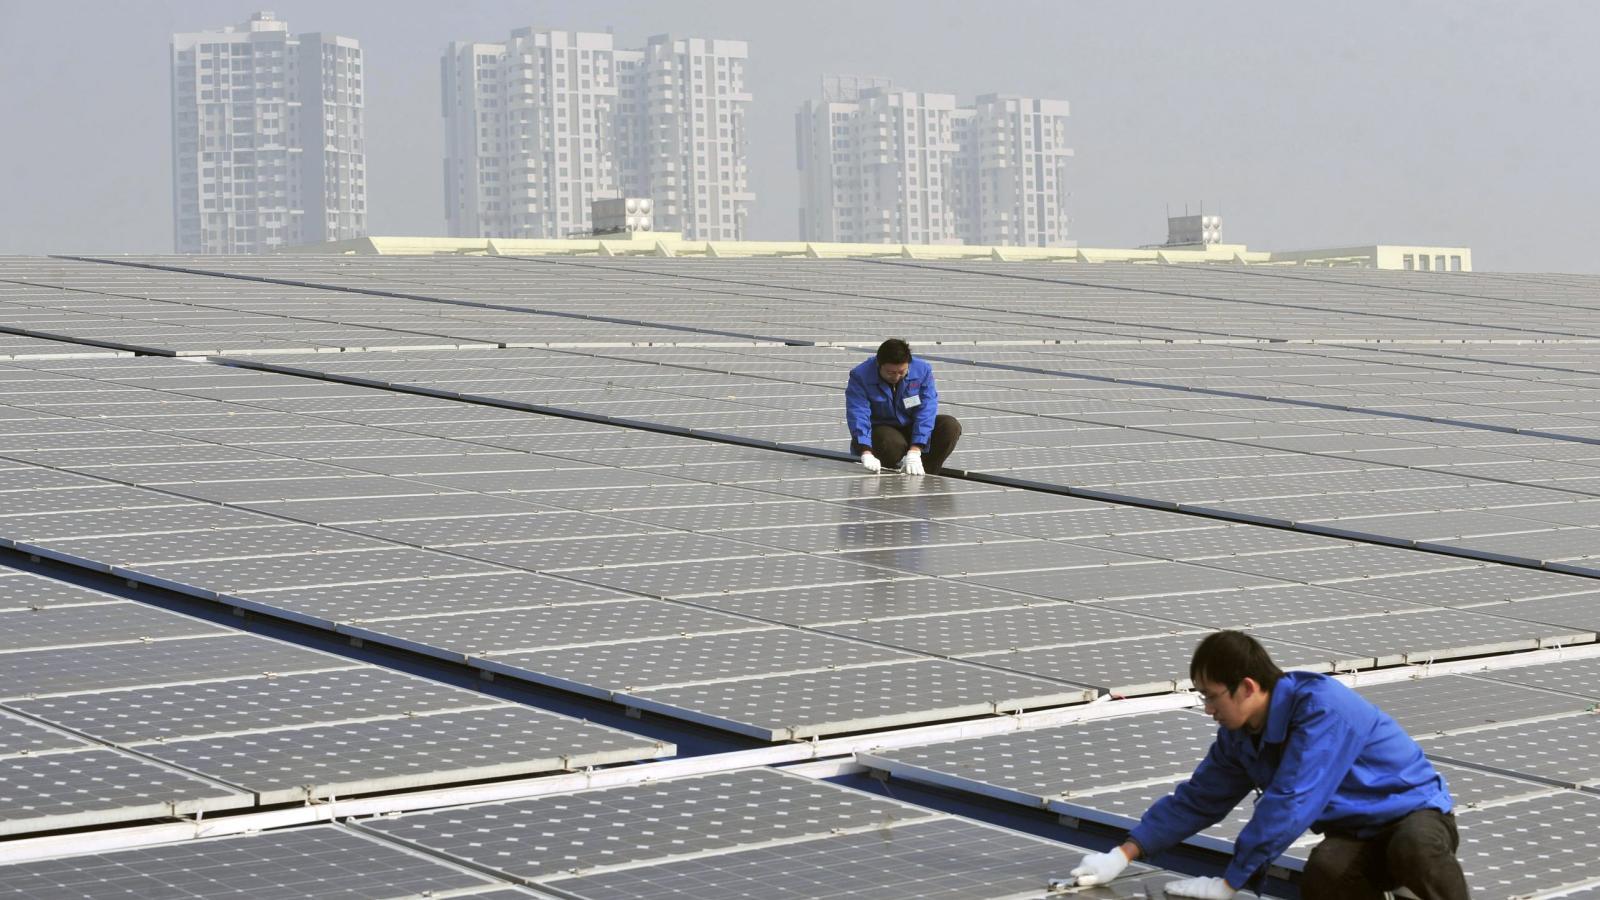 Čínu letos čeká solární boom